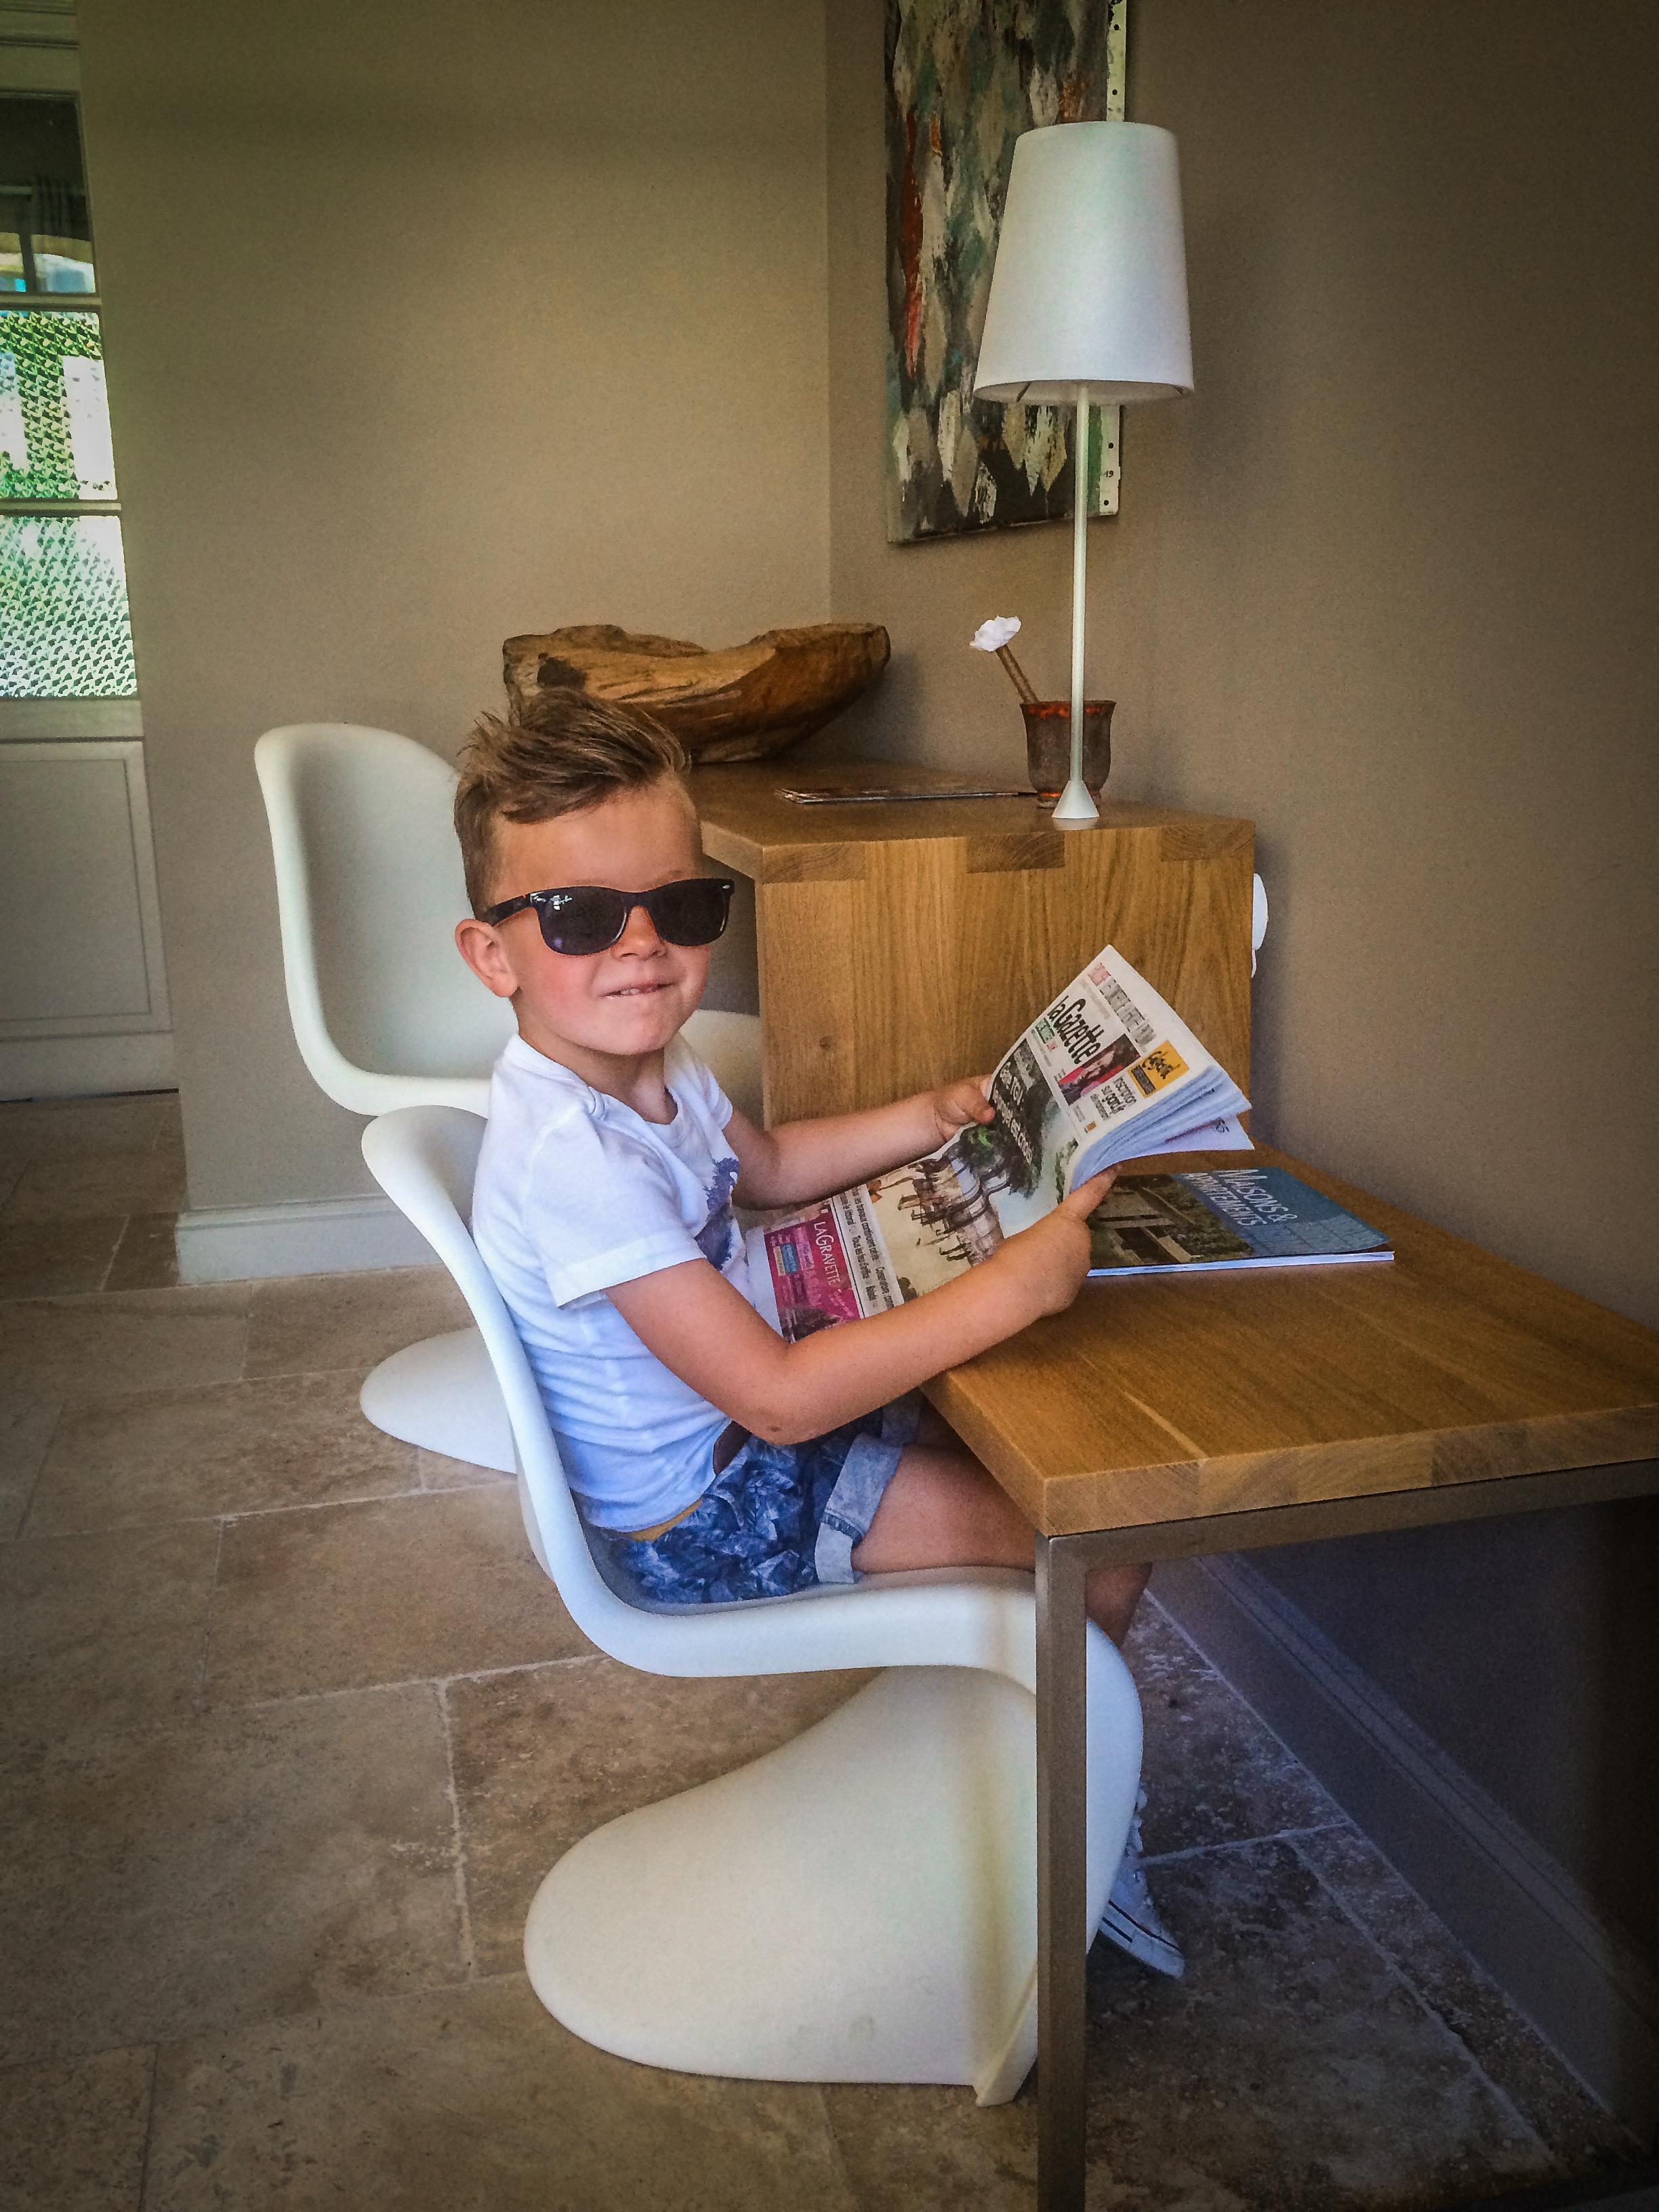 Vitra - idyllische hotels - La bégude Saint Pierre - Reizen met kinderen